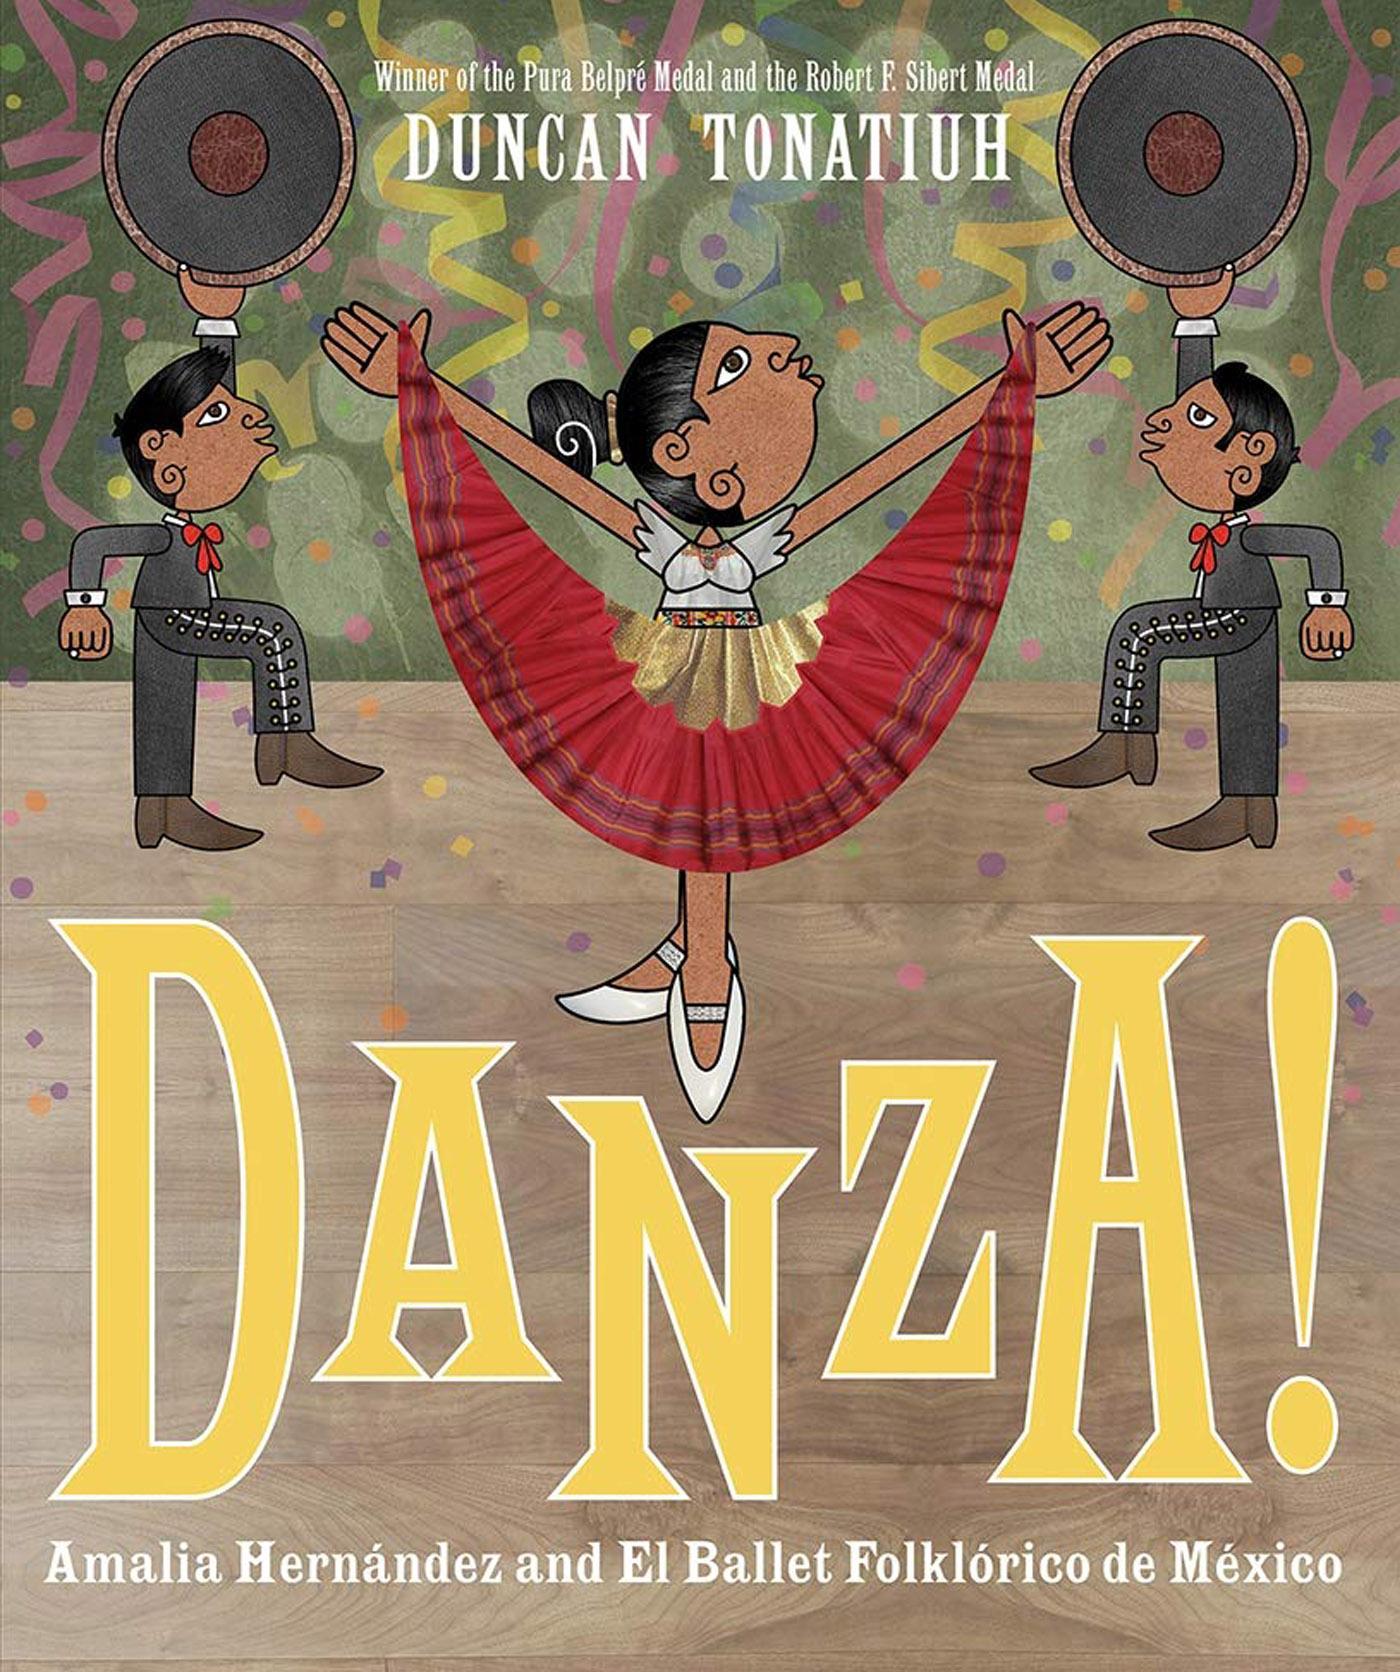 Danza! by Duna Tonatiuh